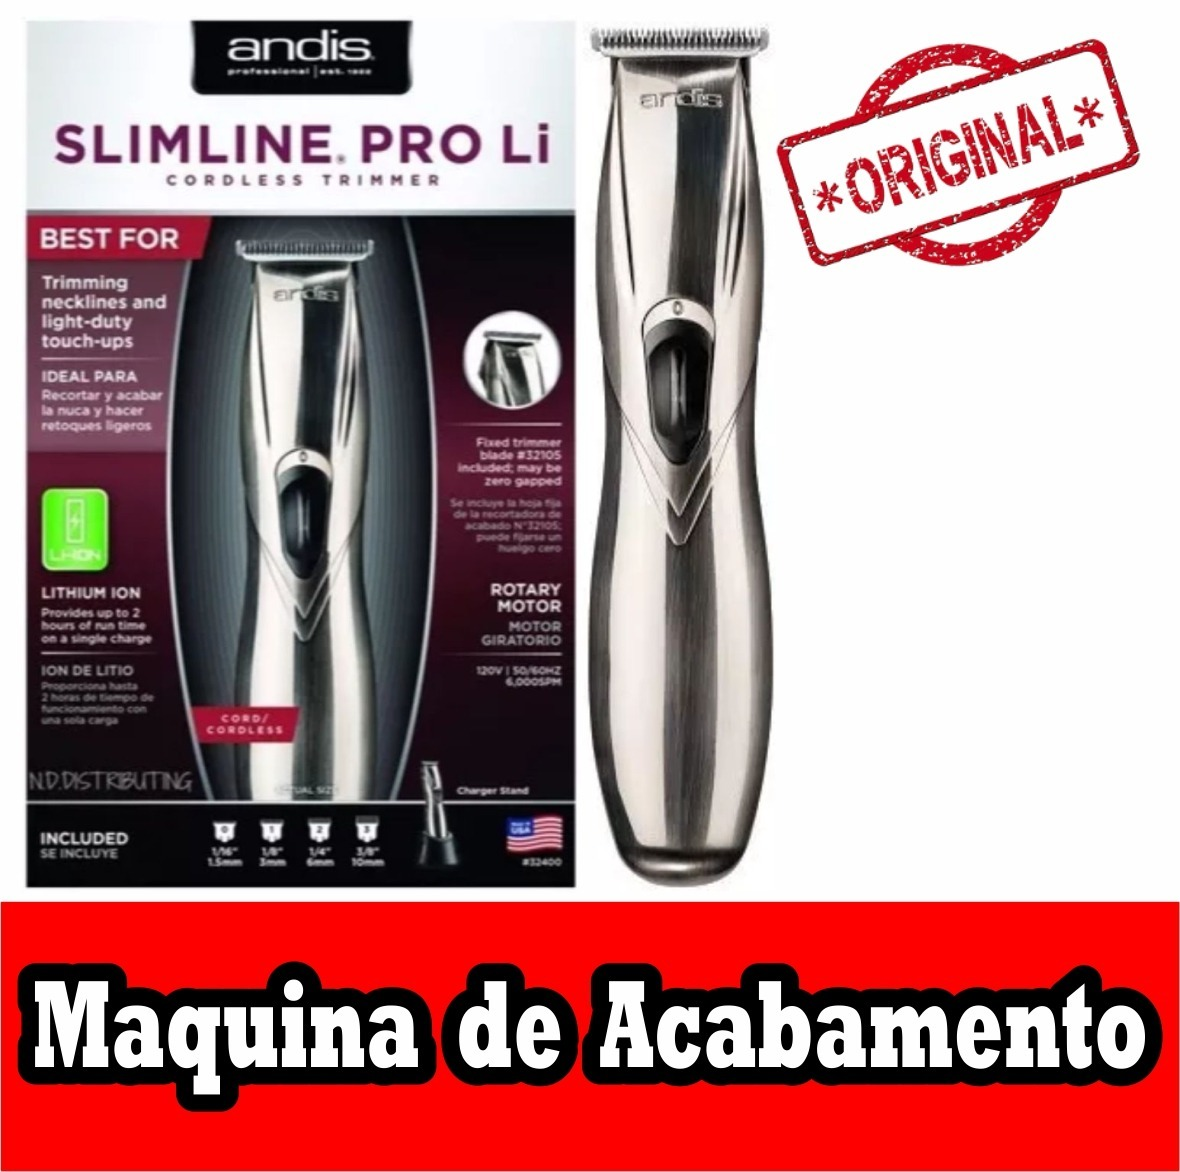 7301127be Máquina De Acabamento Slimline Pro Li Andis (bivolt) - R$ 348,99 em ...